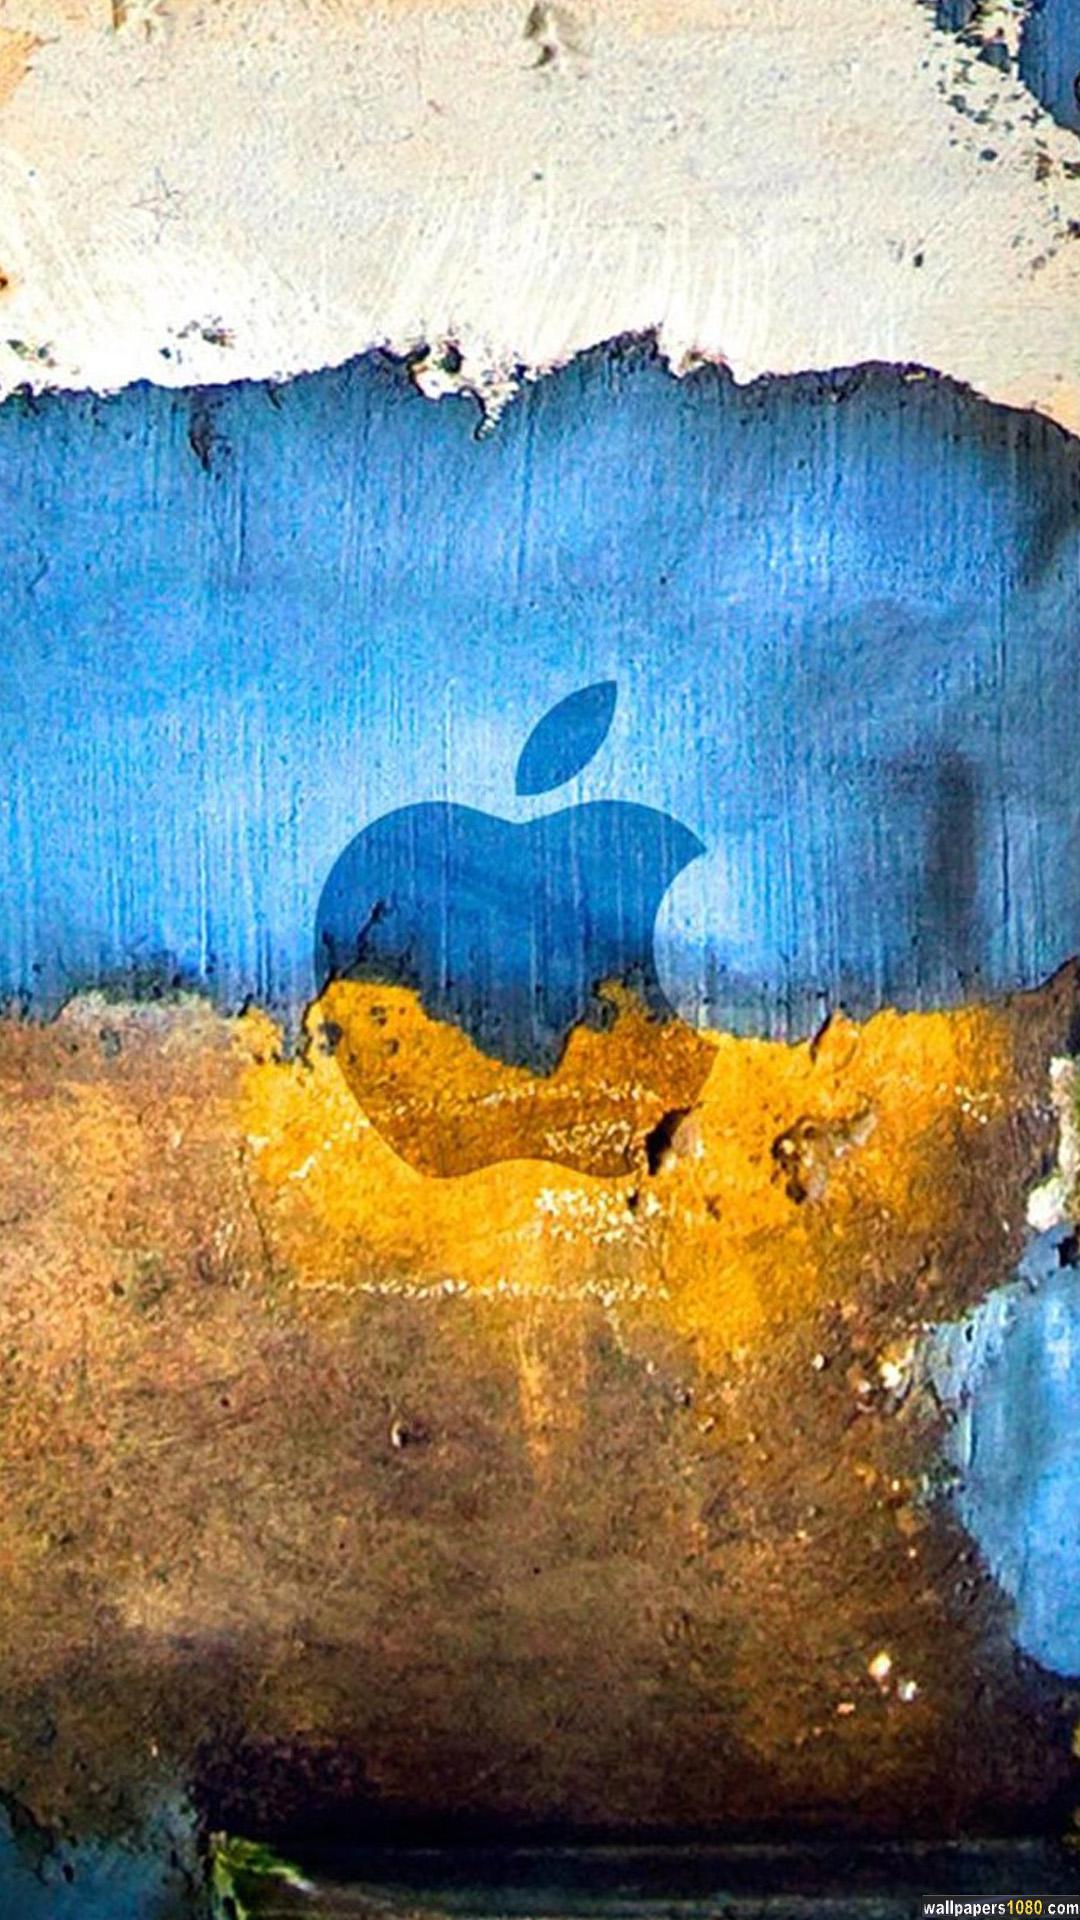 iphone 6 plus wallpaper 1080p wallpapersafari